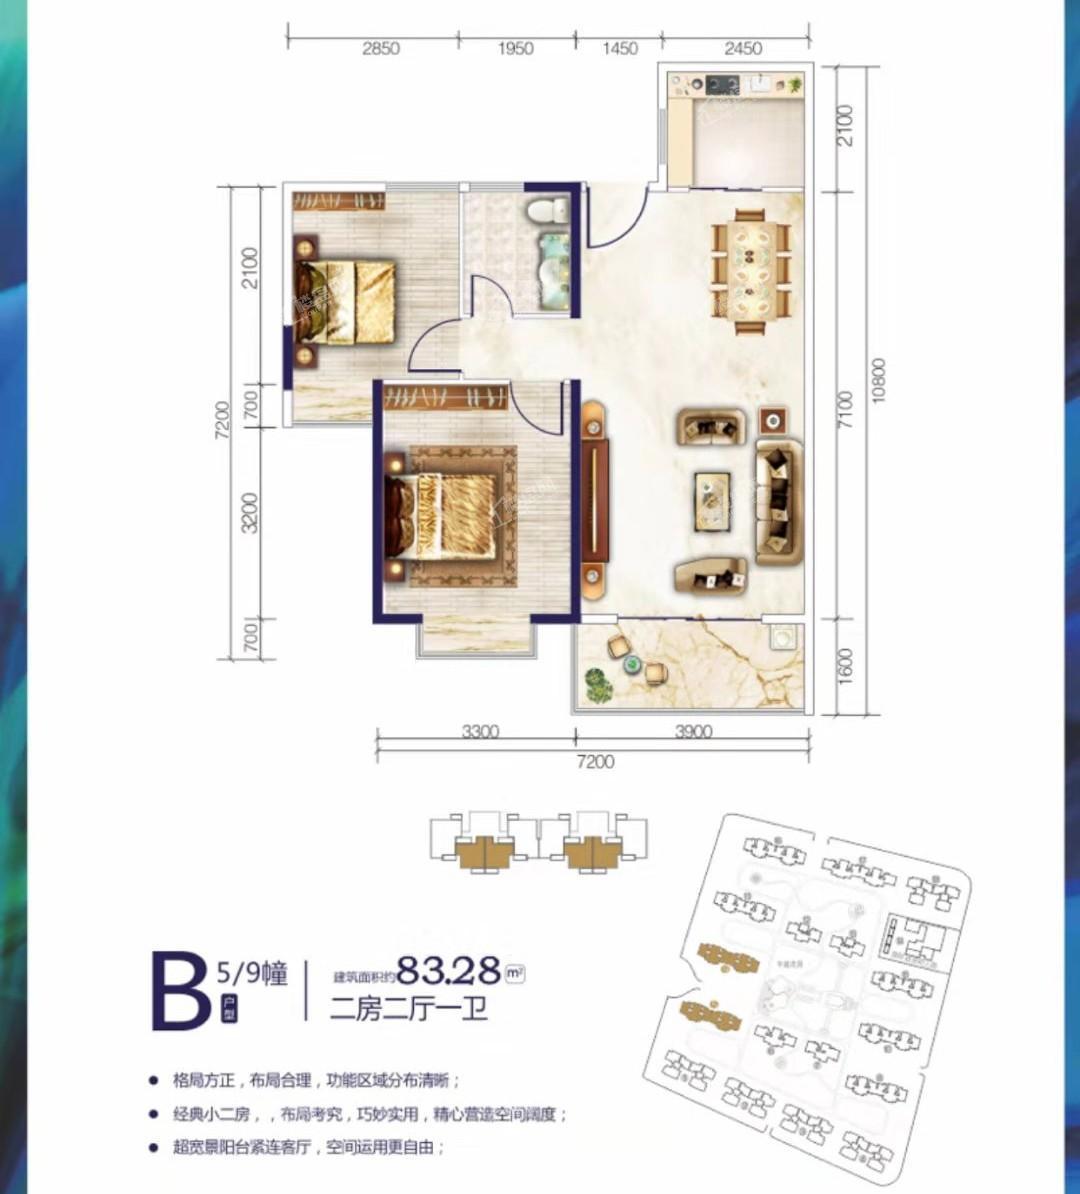 B5/9幢建面约83.28㎡二房二厅